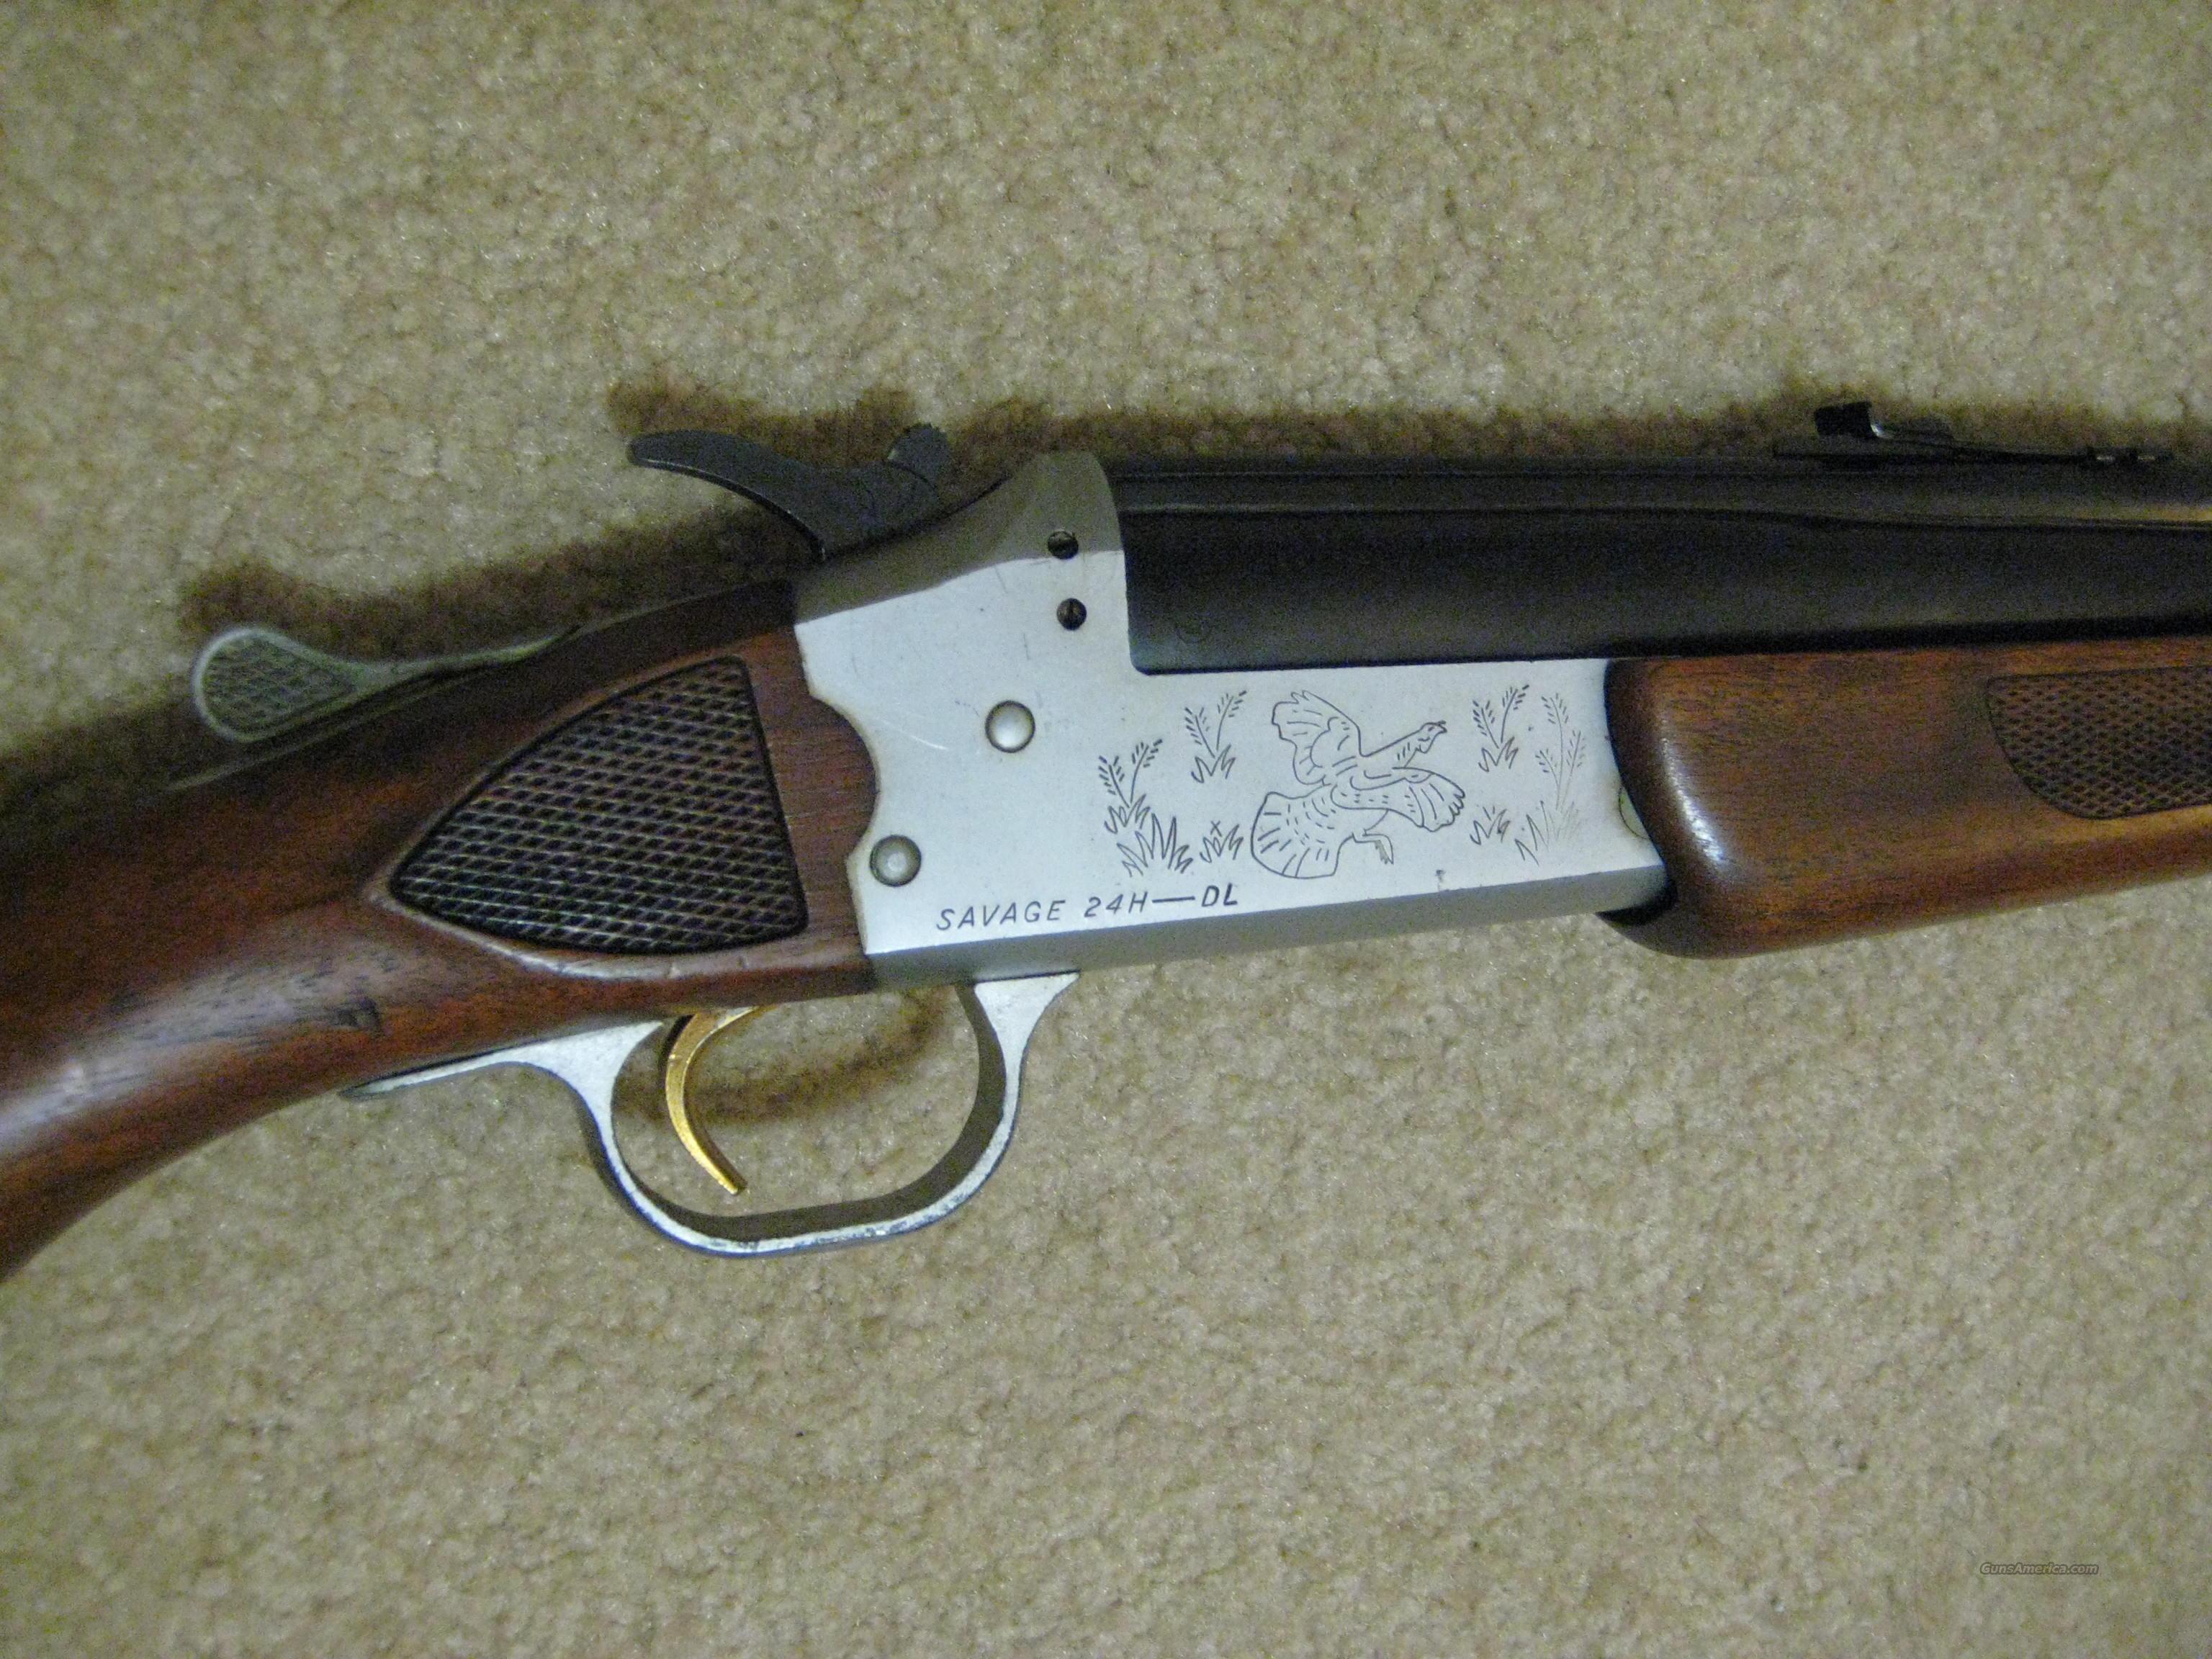 Savage 24H-DL .22 Magnum/.410 over/under  Guns > Rifles > Savage Rifles > Other